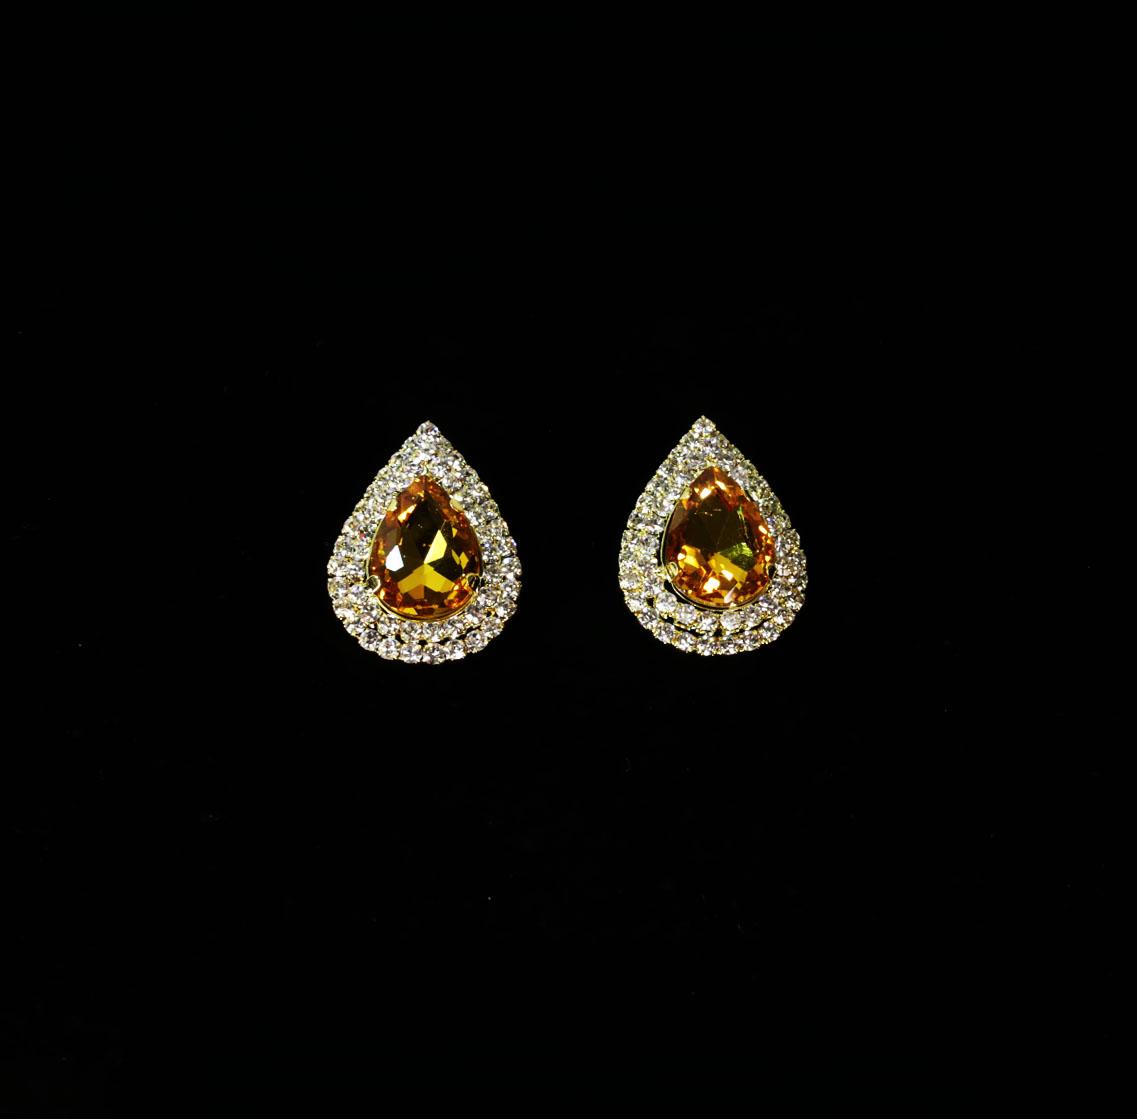 Yellow Crystal Teardrop Earrings